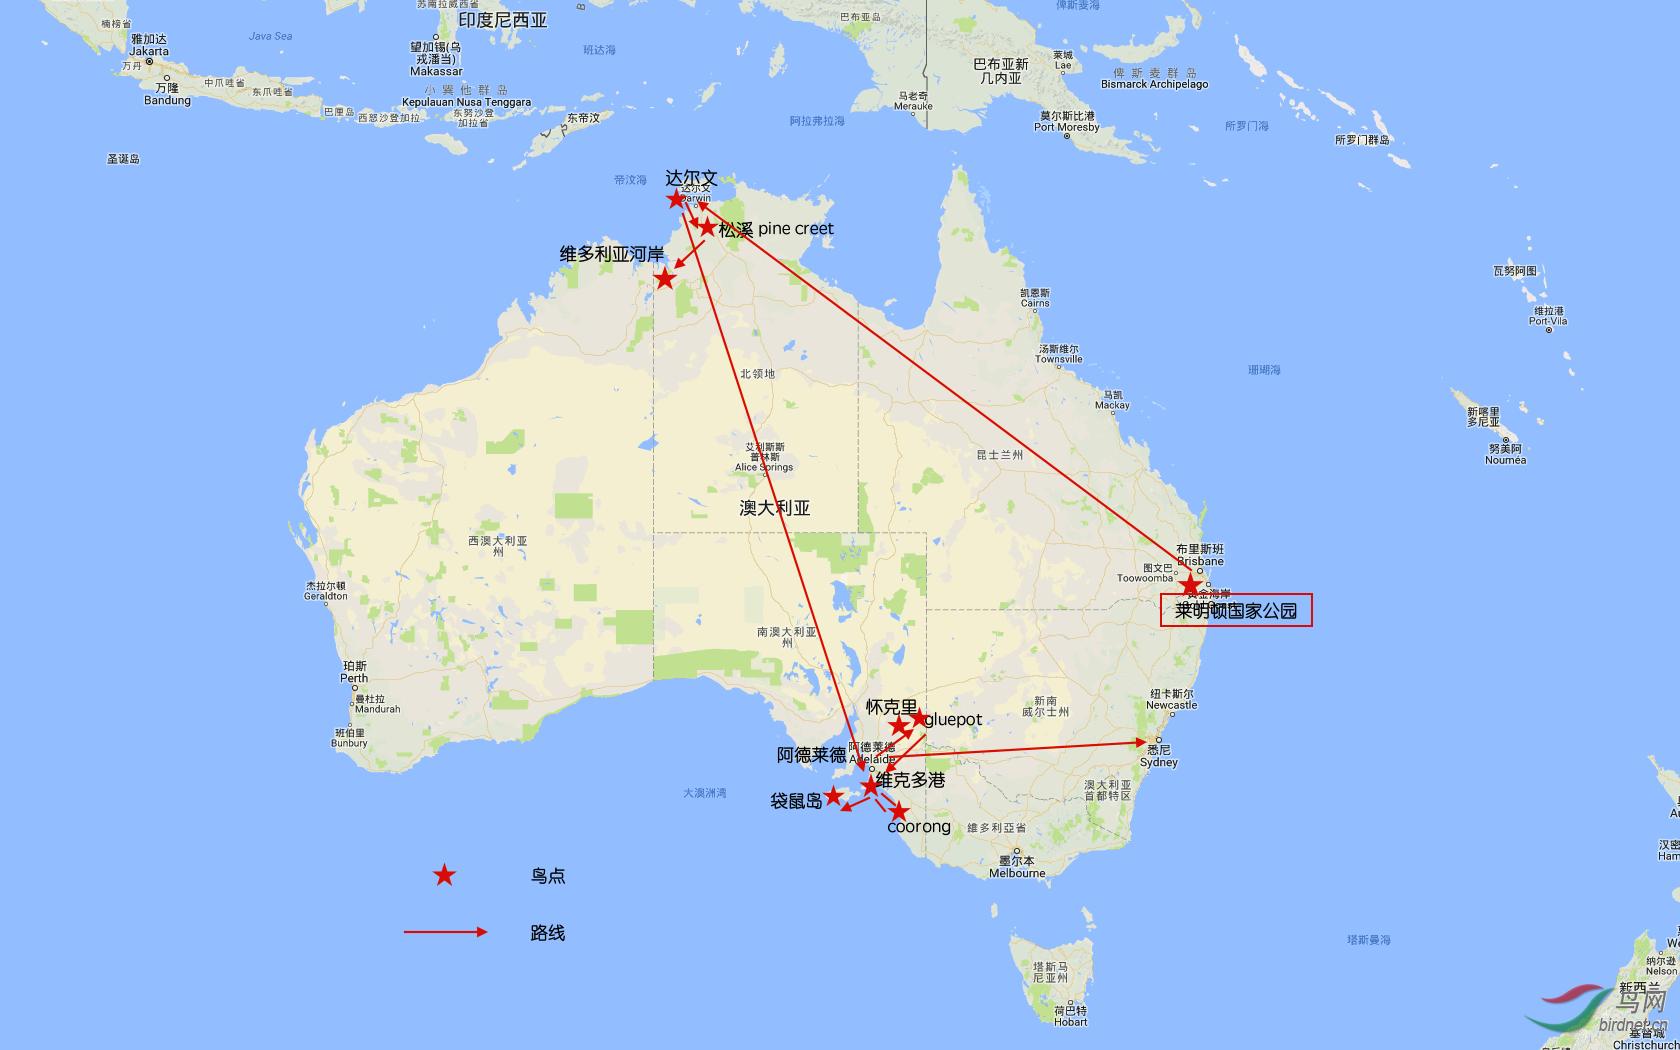 澳大利亚拍摄路线图 .png